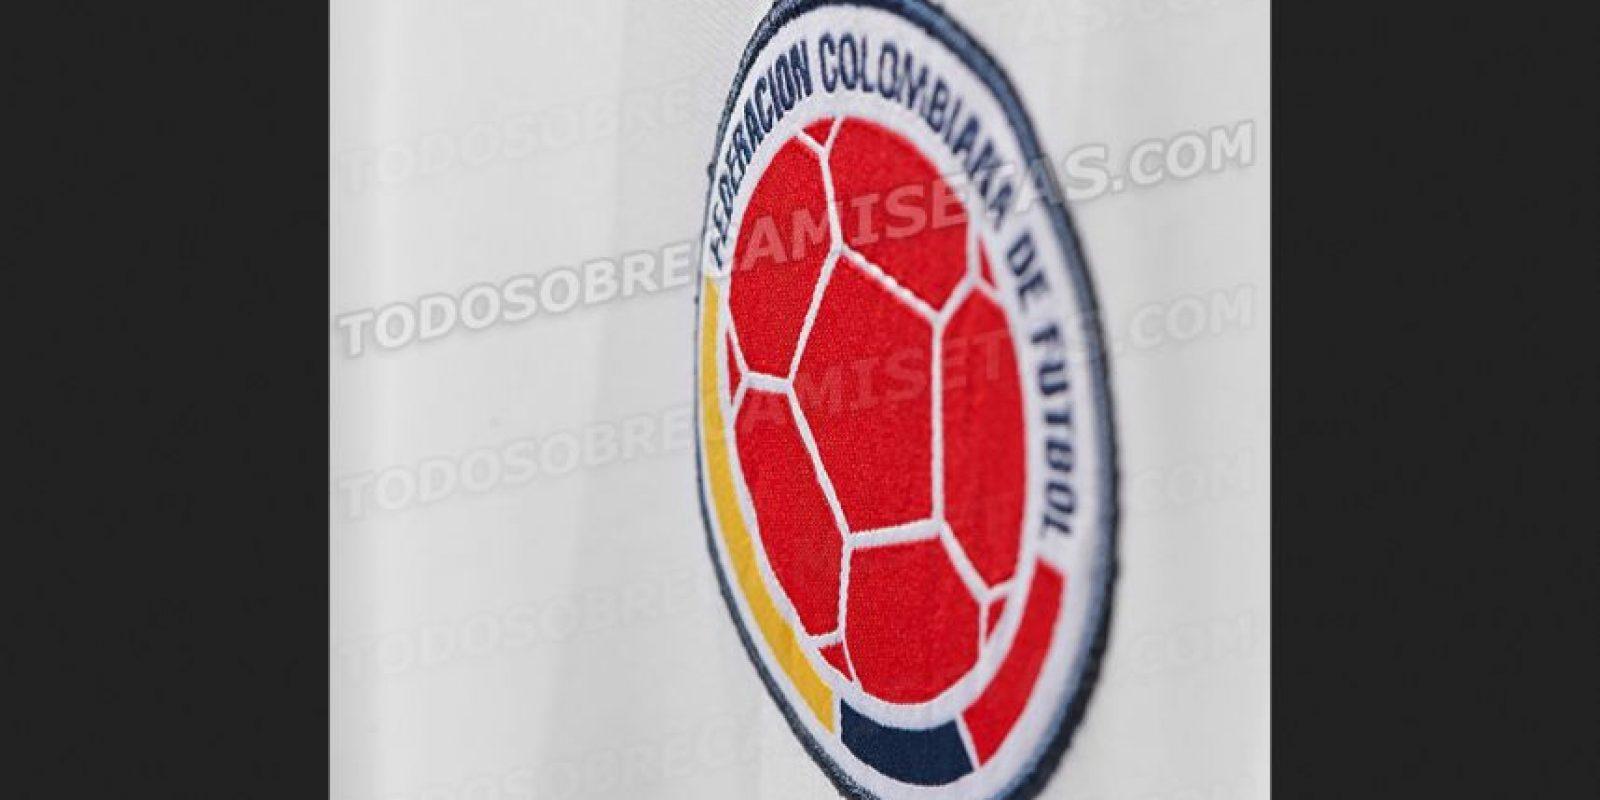 Foto:Tomado de la página www.todosobrecamisetas.com